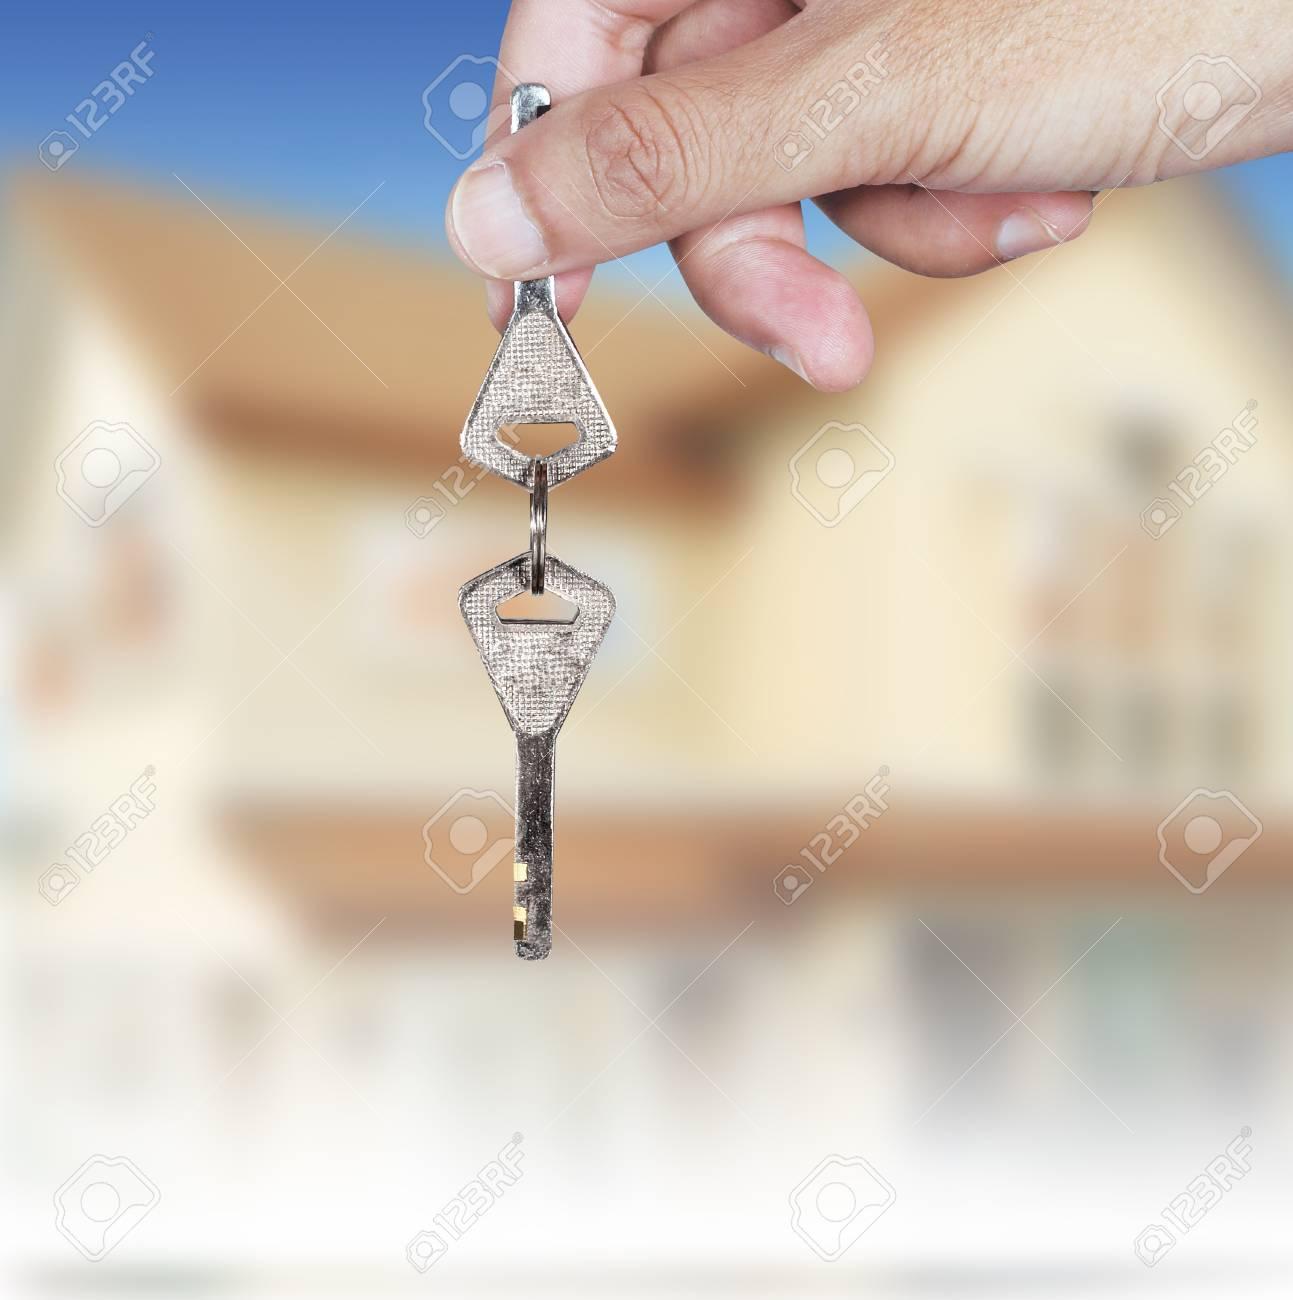 hand holding keys, house background Stock Photo - 14191153